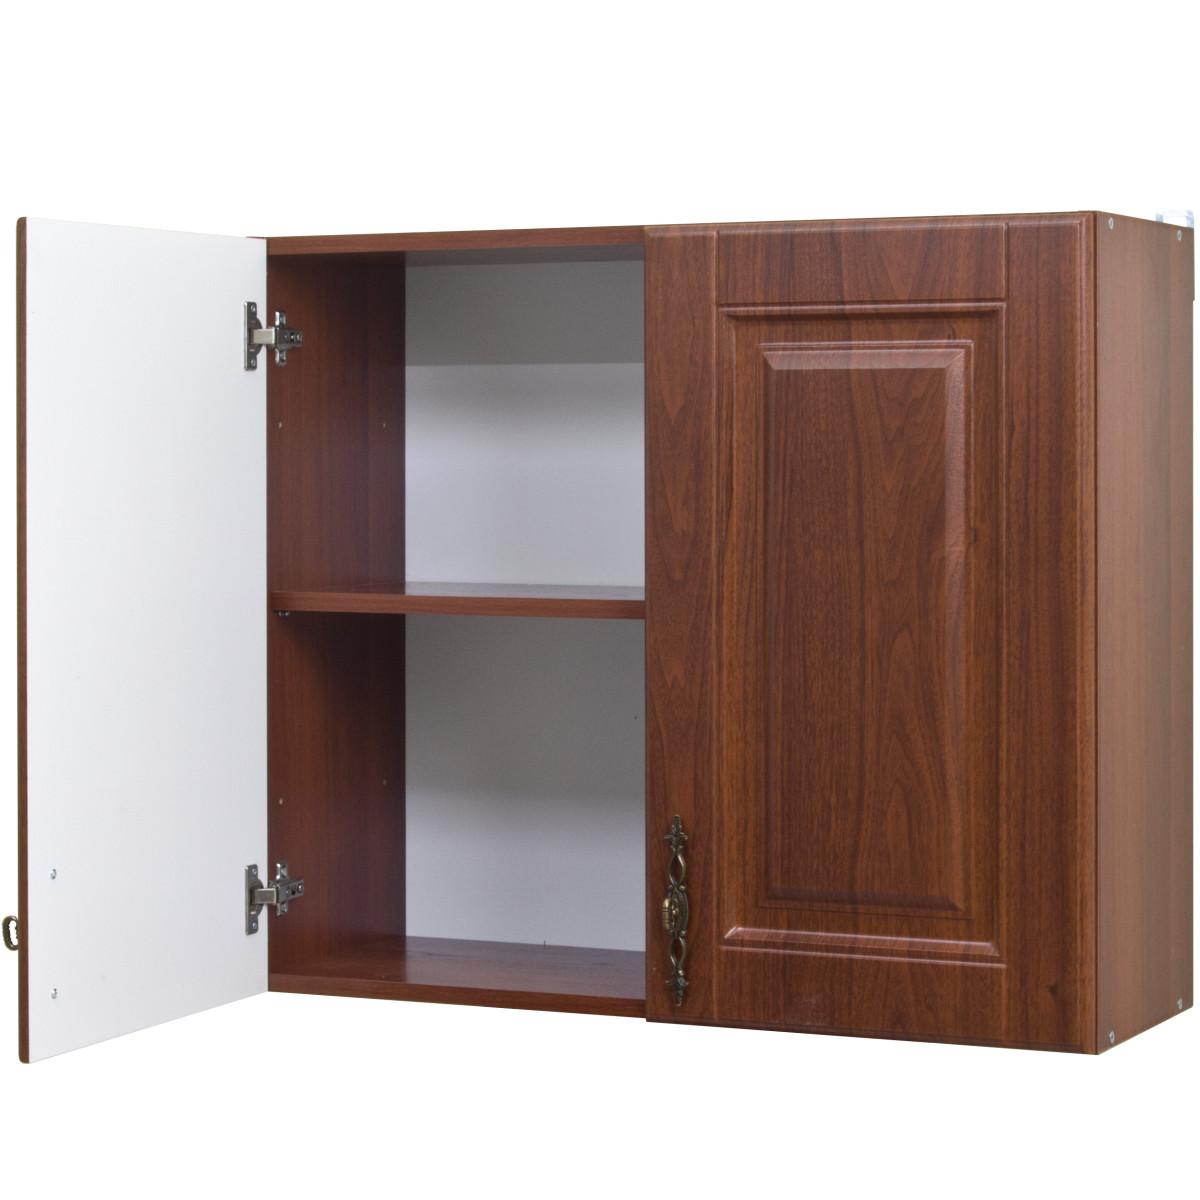 Шкаф навесной Орех 80x67.6x29 см ЛДСП цвет орех